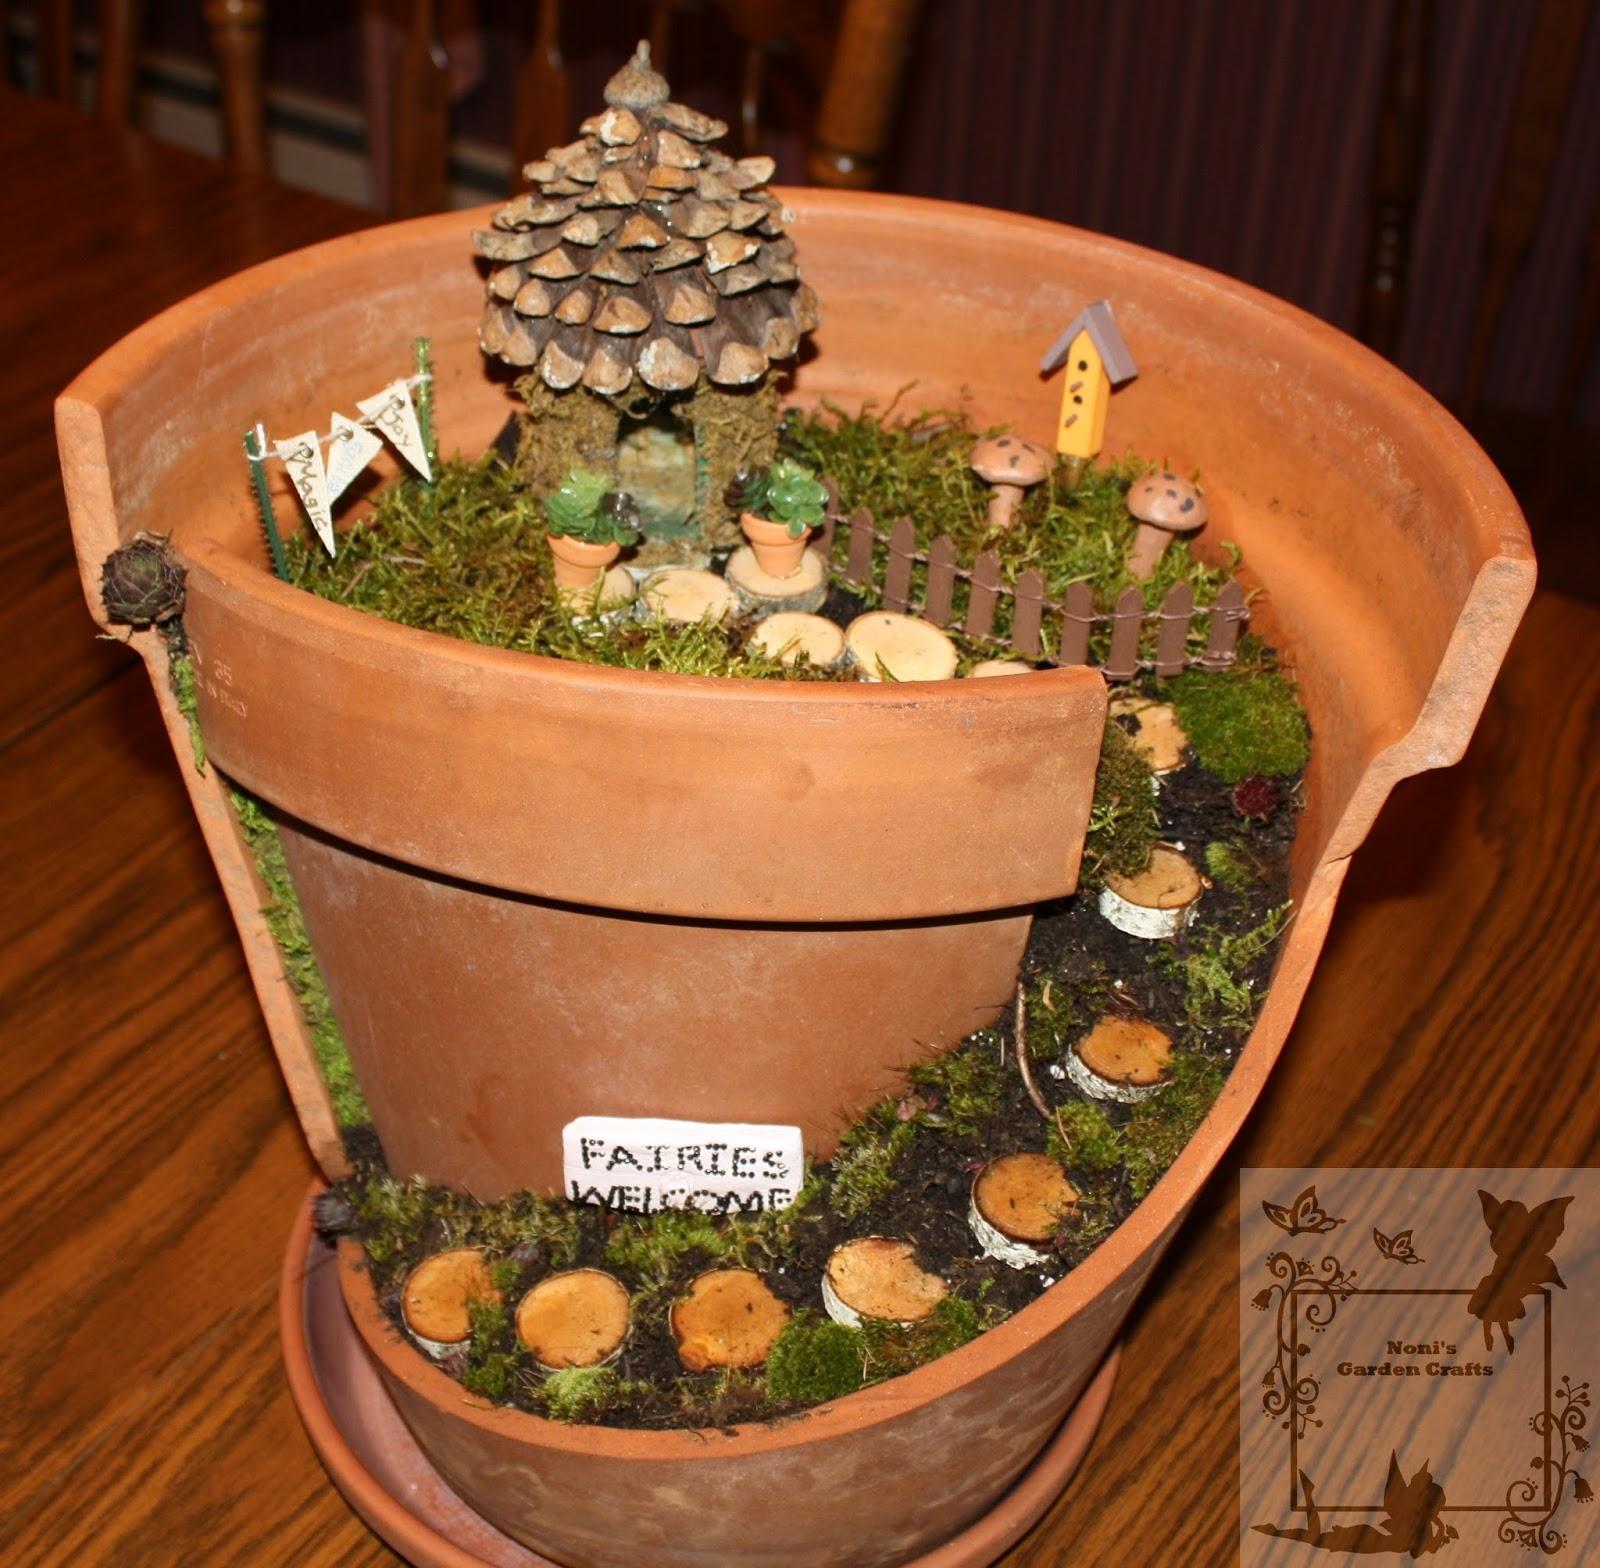 Clay pot crafts for the garden - Fairy Garden Made Of Broken Flower Pot